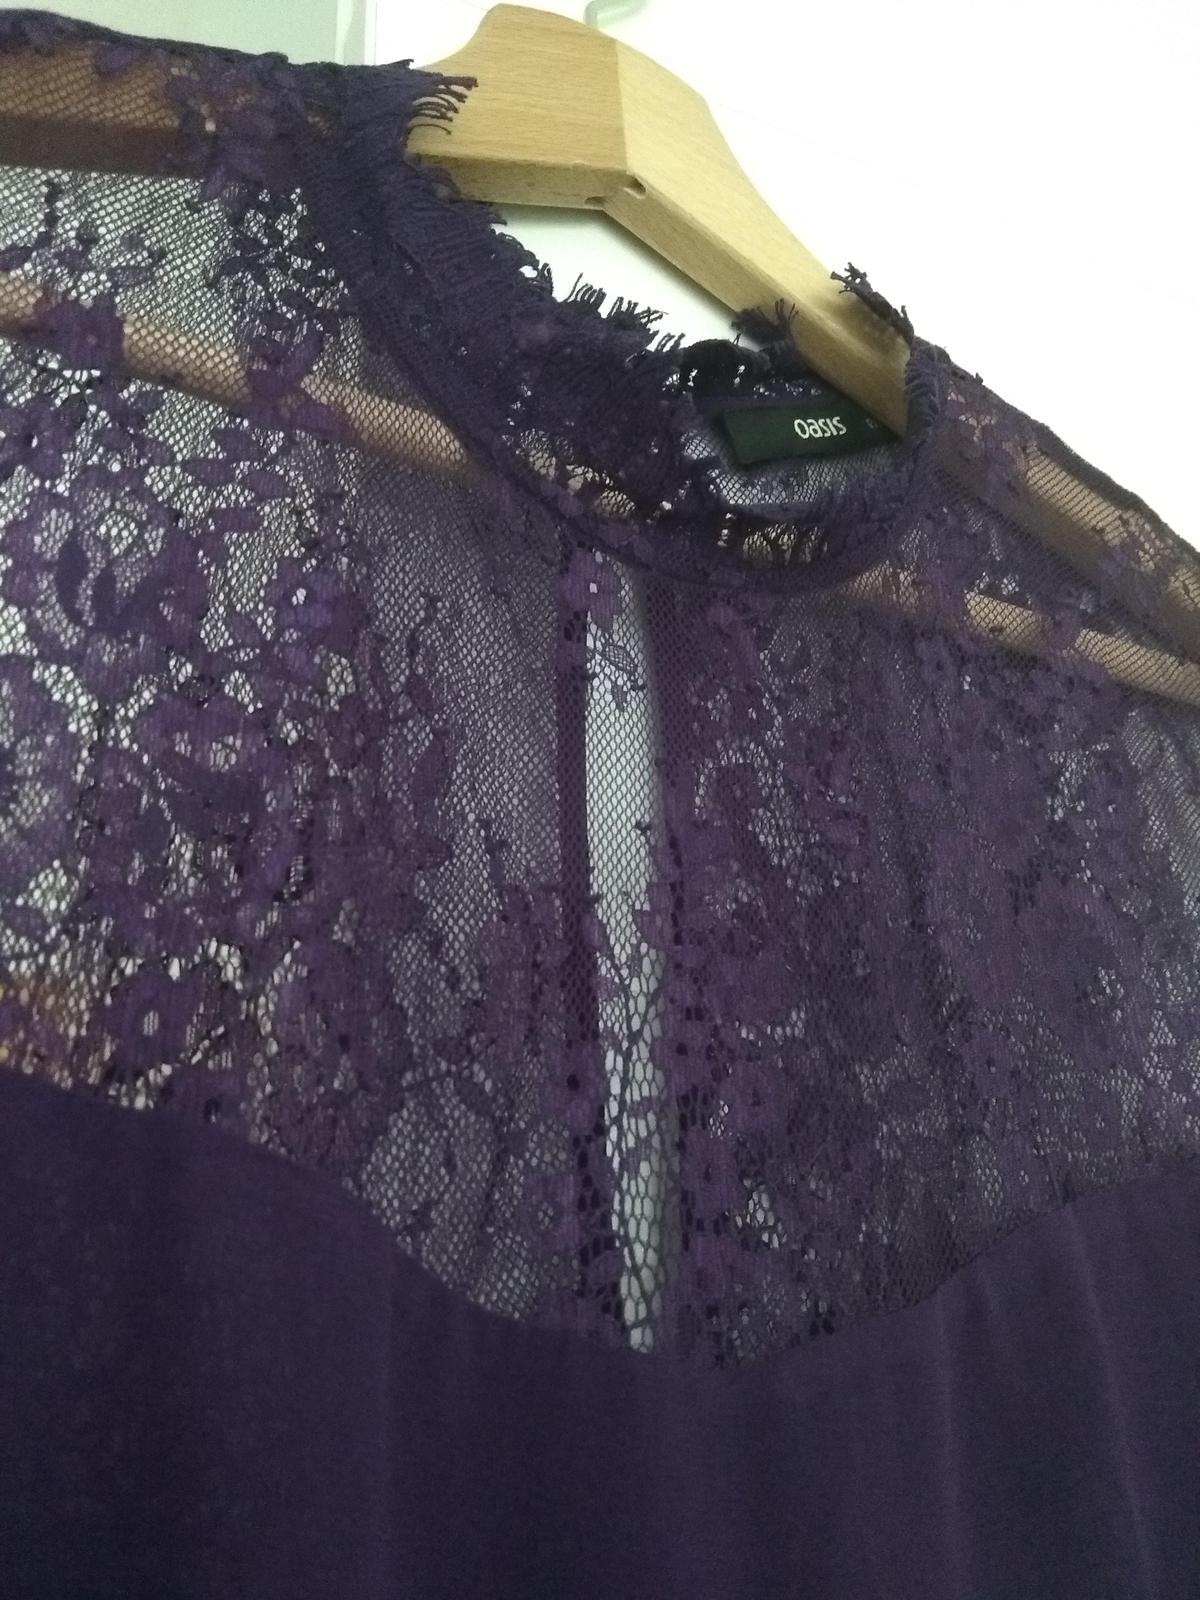 Fialové společenské šaty  - Obrázek č. 3